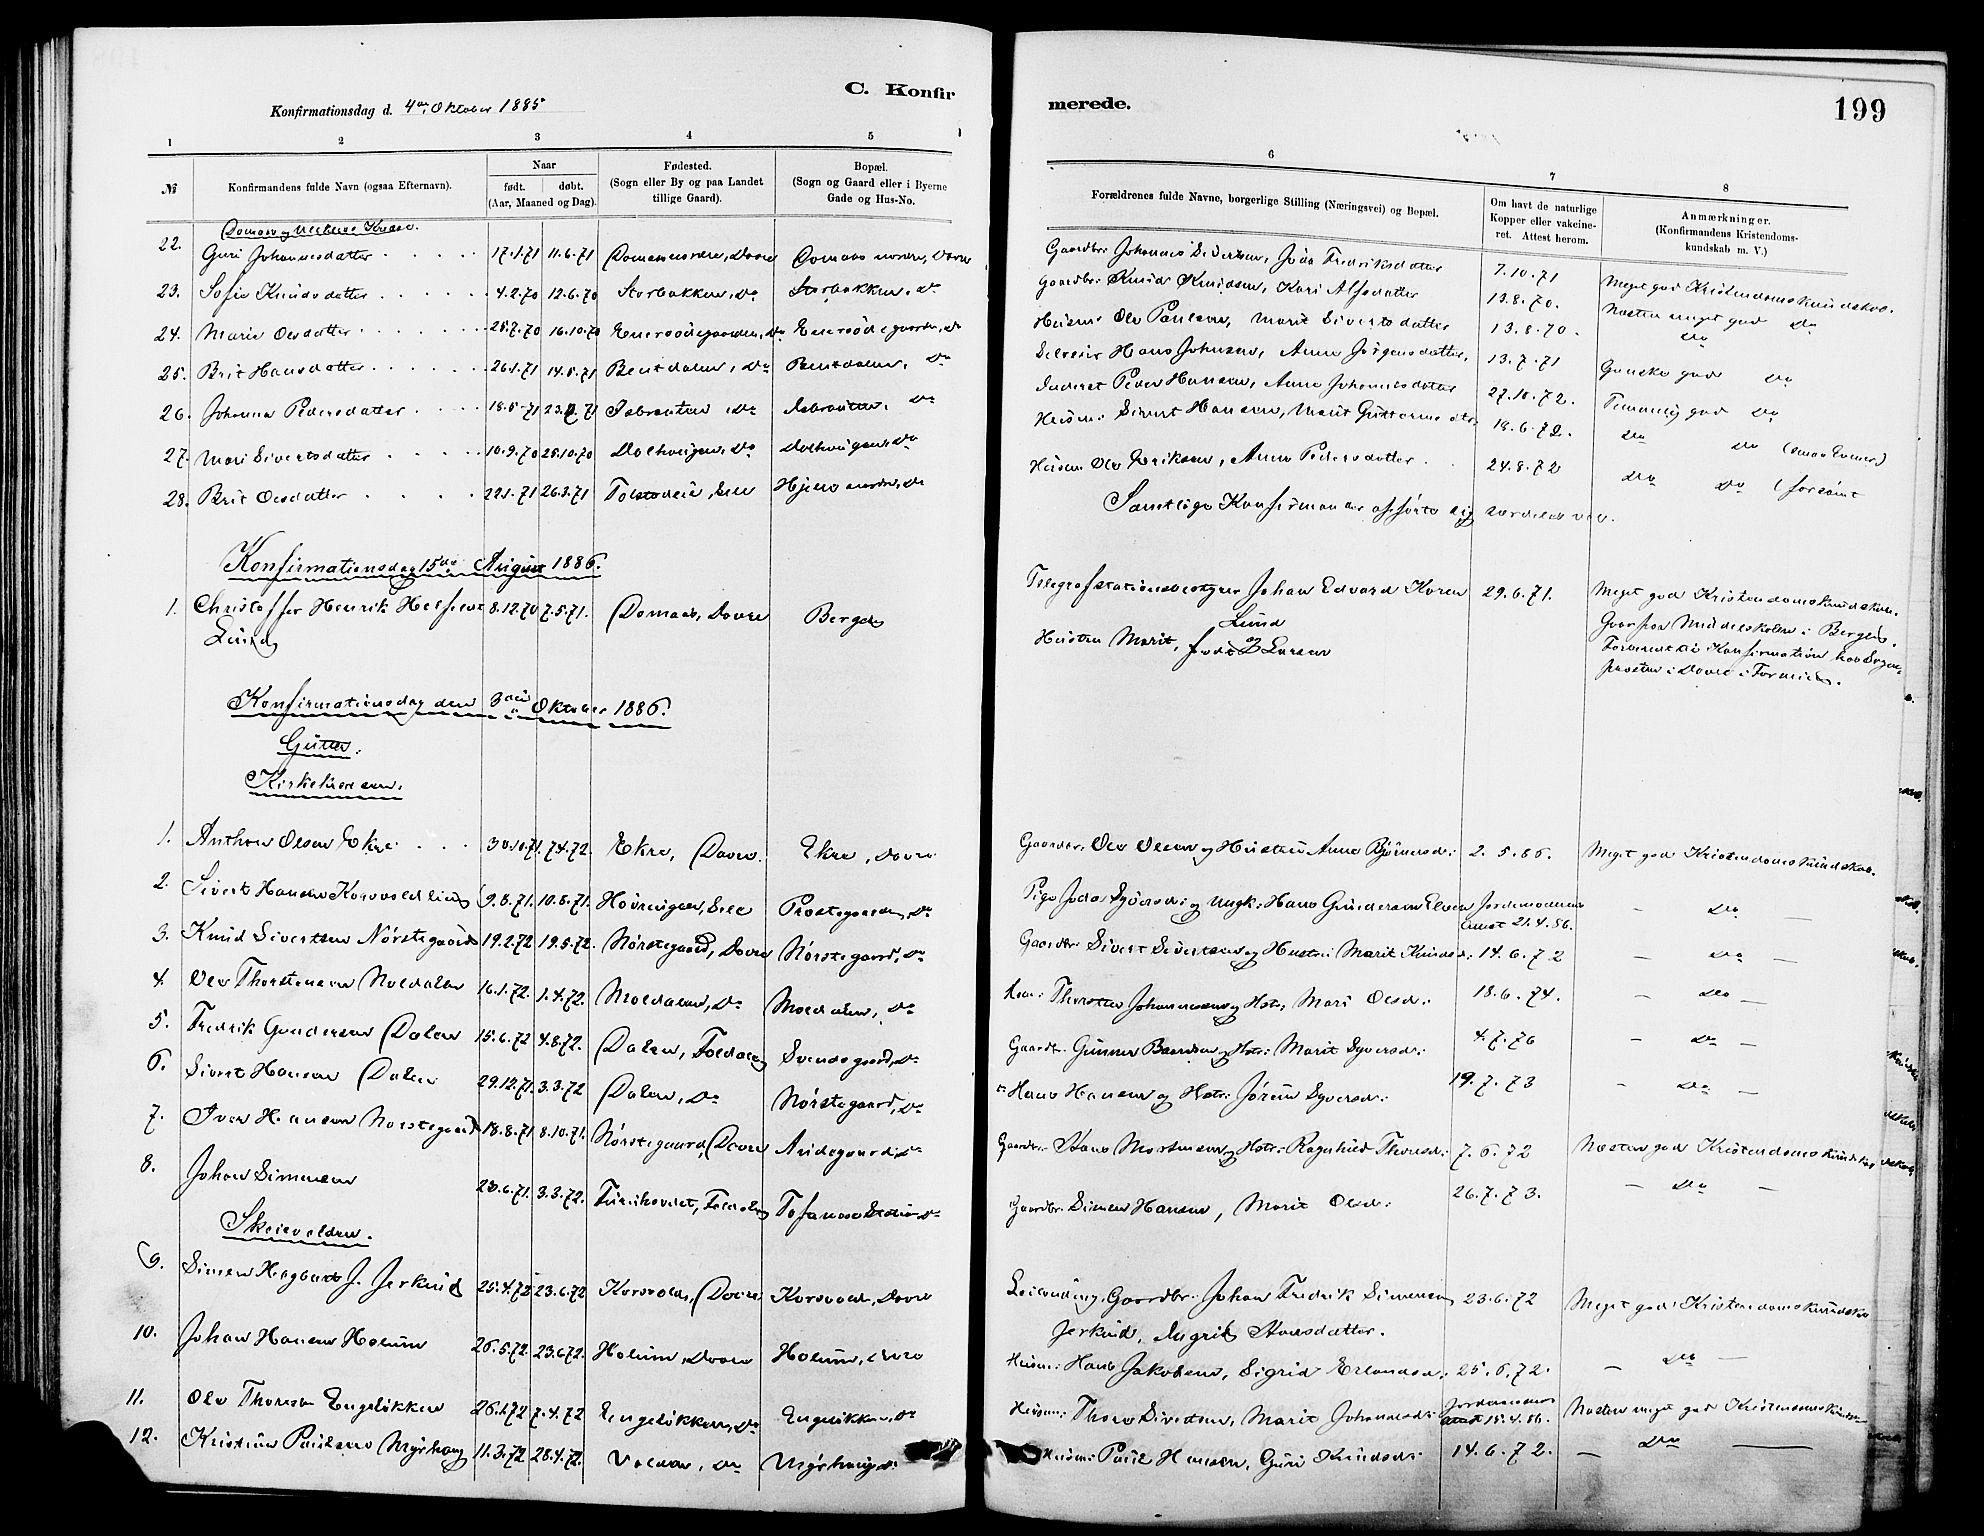 SAH, Dovre prestekontor, Klokkerbok nr. 2, 1881-1907, s. 199